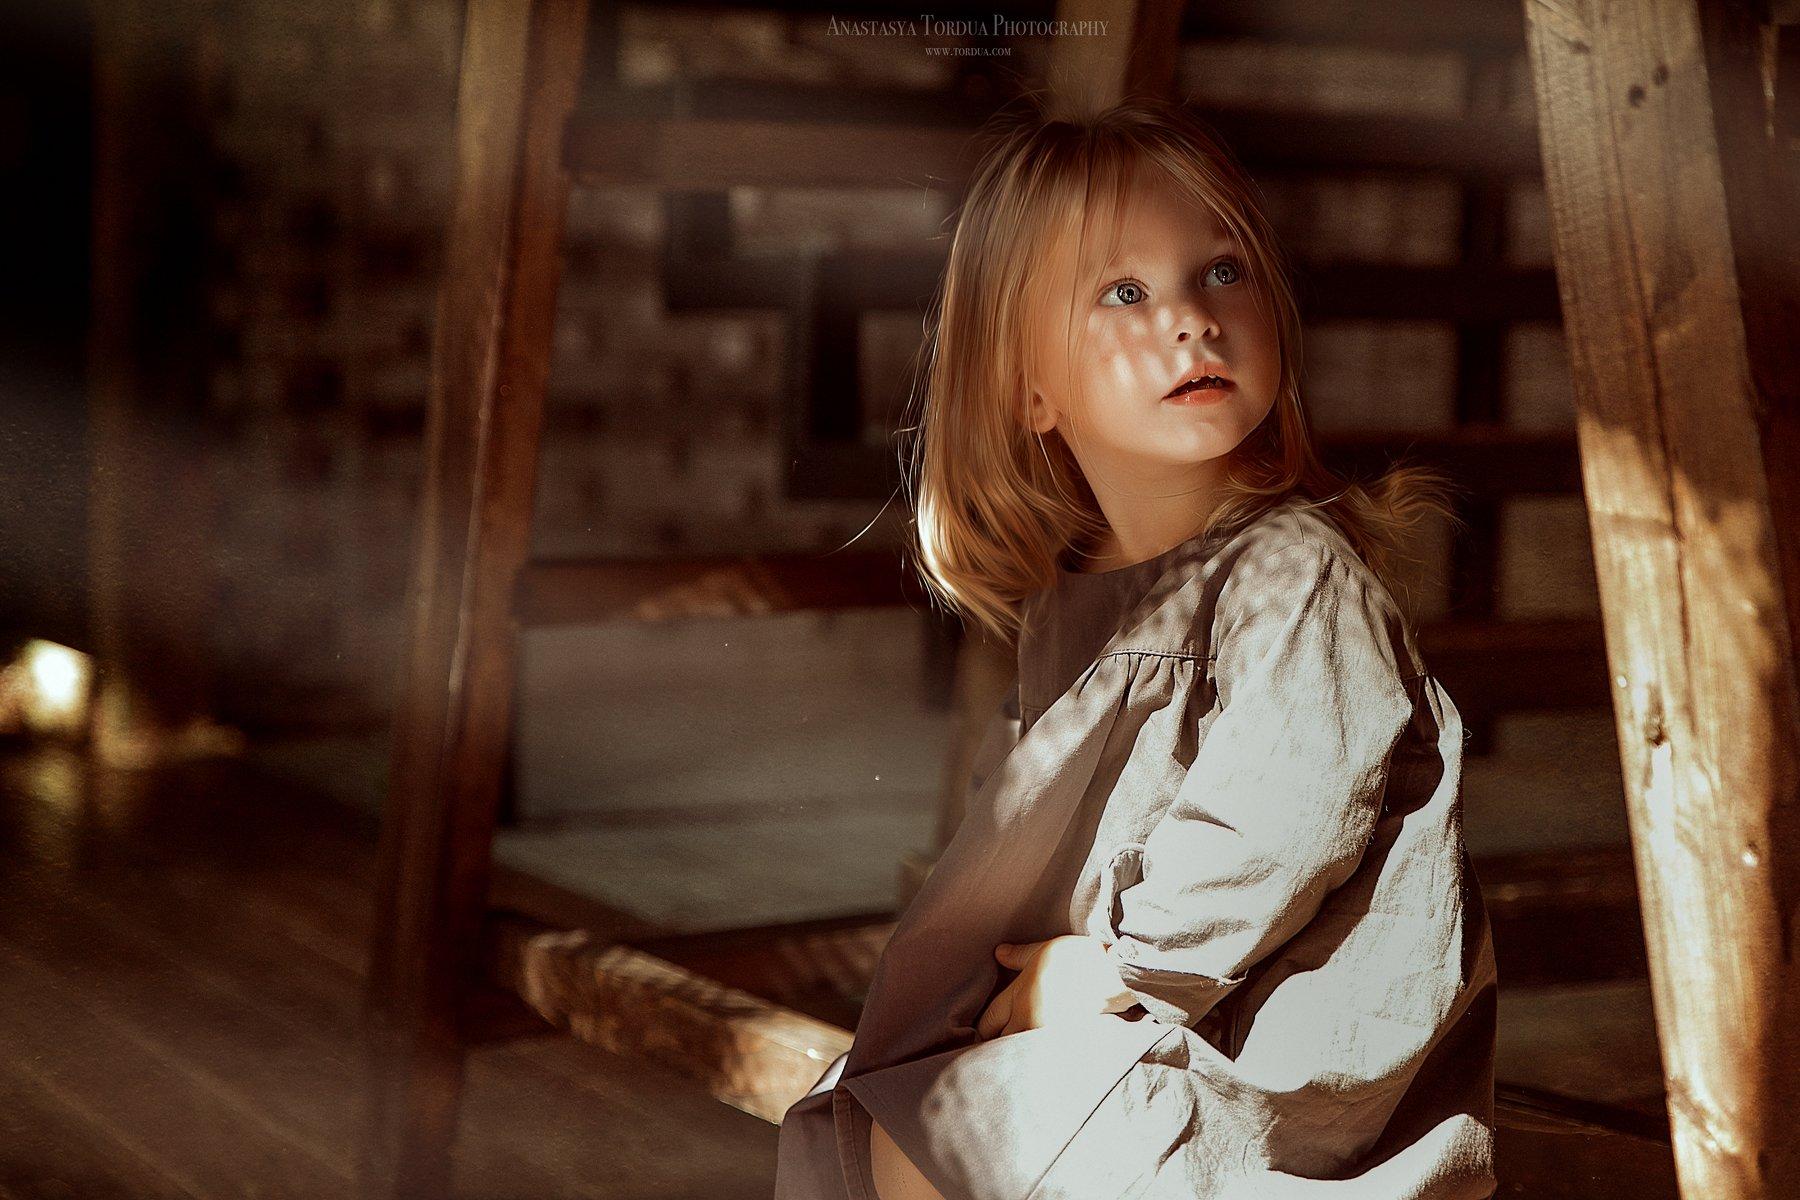 детки солнце пылинки лучи малышки детскаясъемка, Анастасия Тордуа